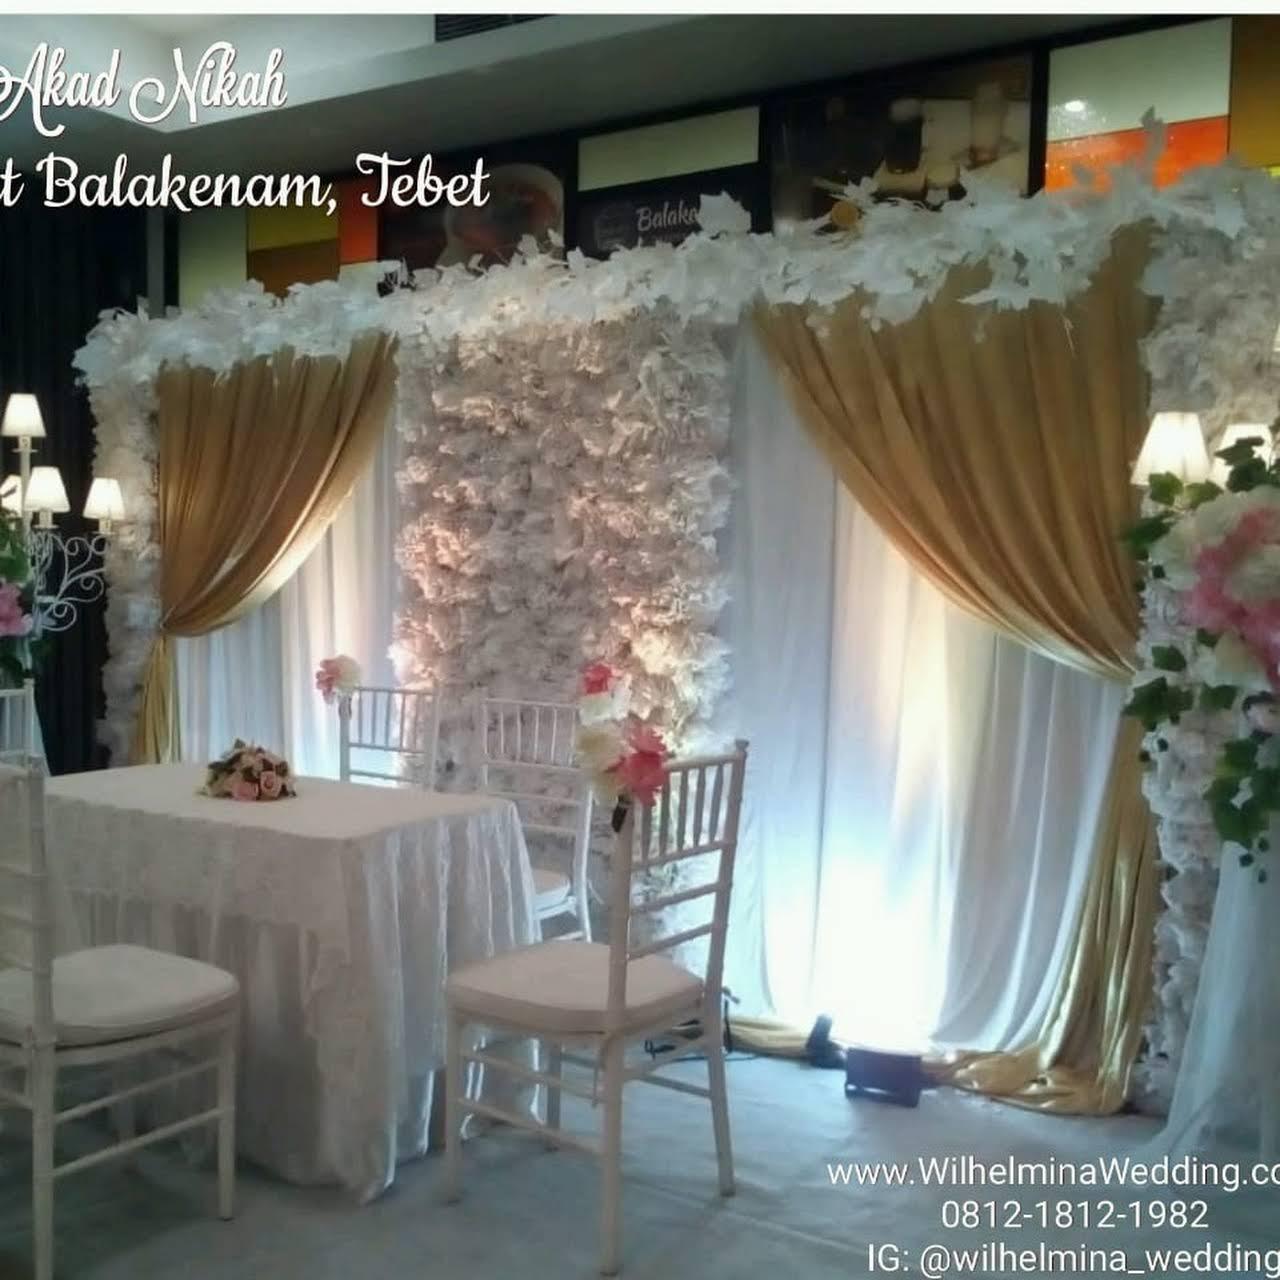 Wilhelmina Wedding Wedding Service